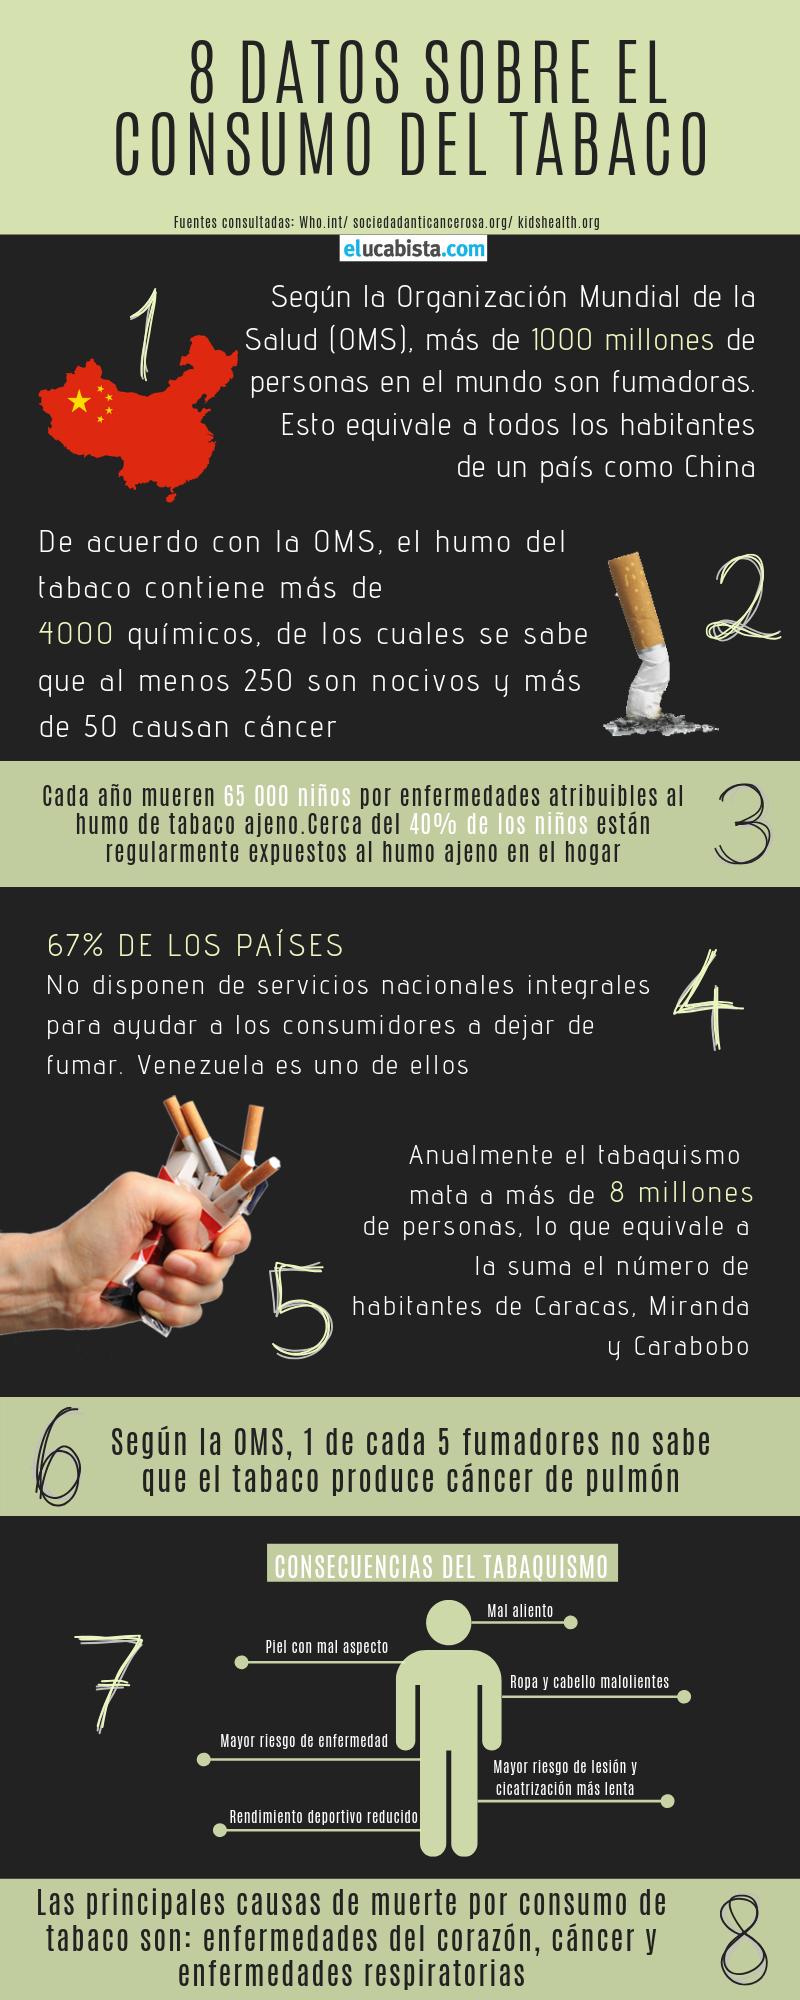 Consumo de tabaco y sus consecuencias